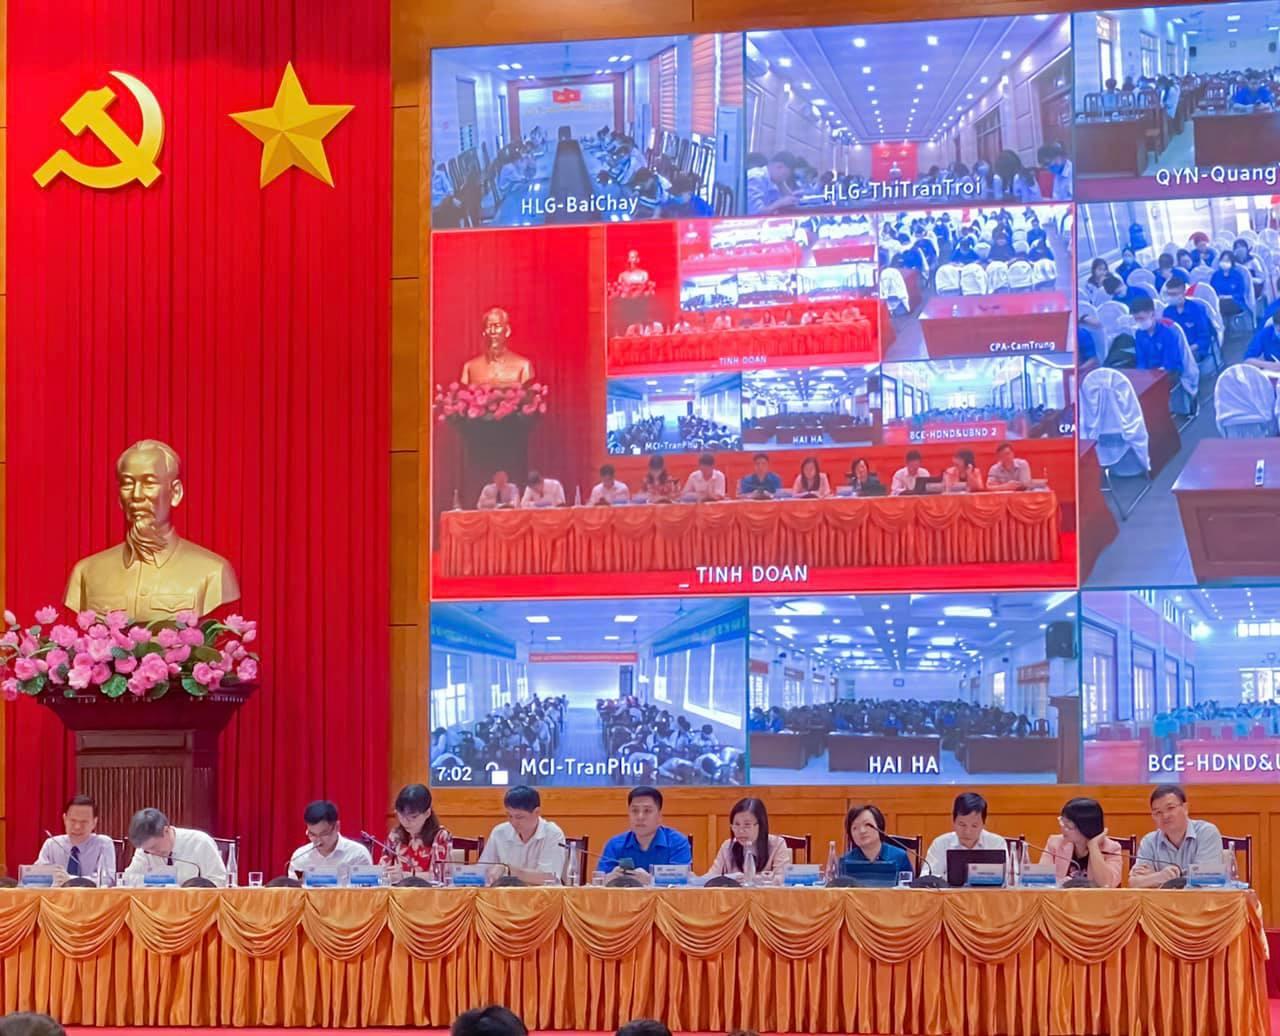 Trường đại học Công nghiệp Quảng Ninh tham gia tư vấn tuyển sinh trực tuyến